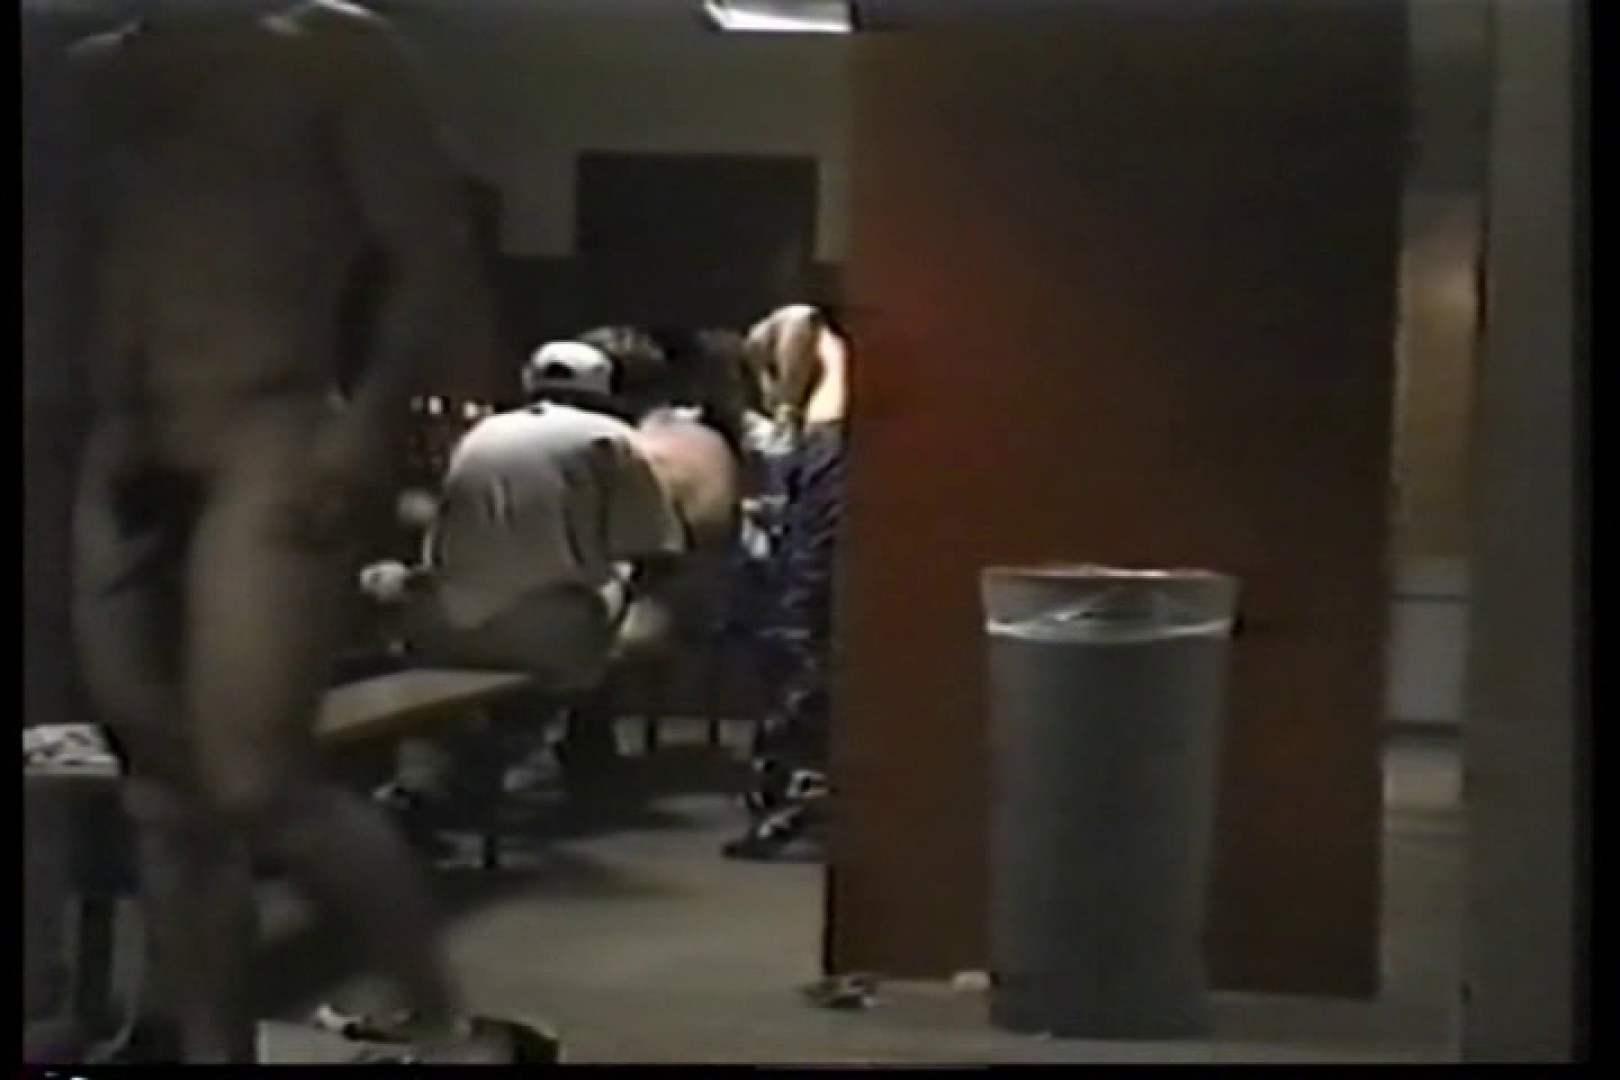 洋人さんの脱衣所を覗いてみました。VOL.3 男天国 | 0  109pic 89